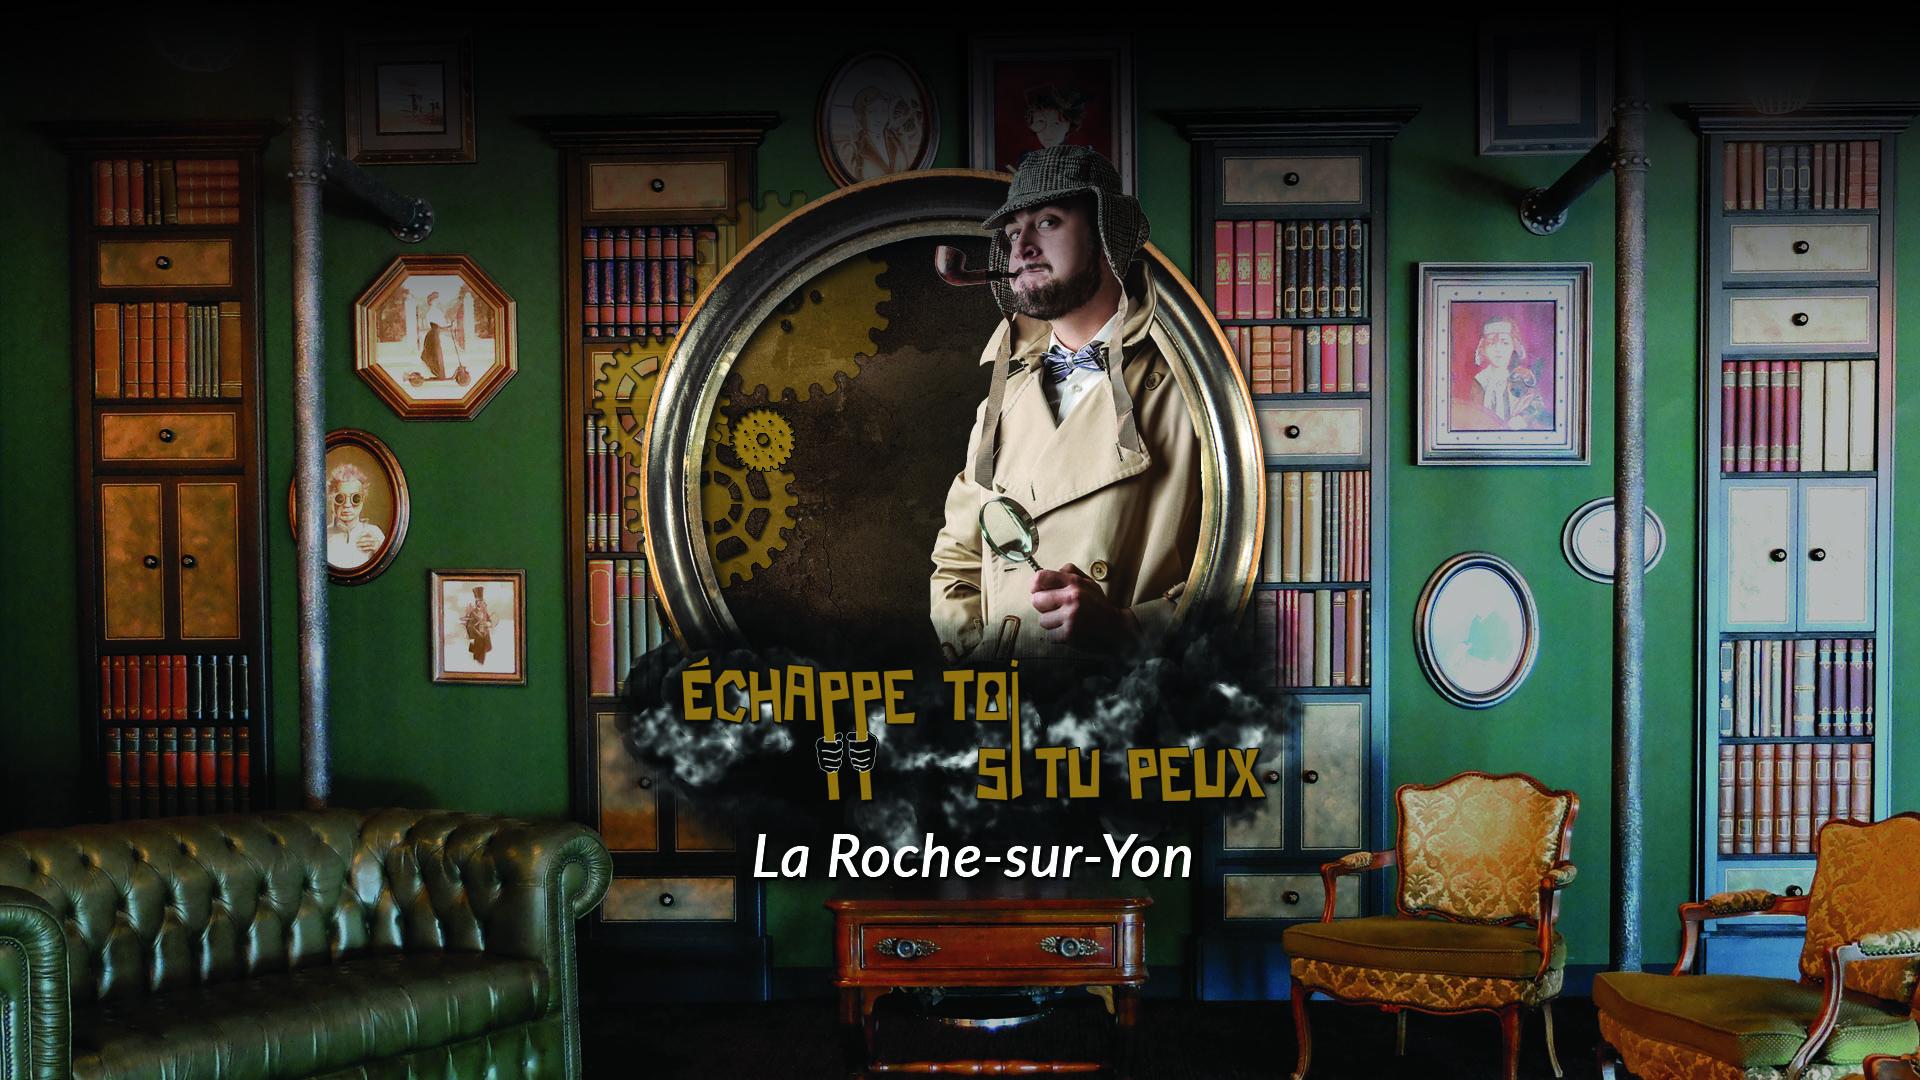 la-roche-sur-yon-echappe-toi-si-tu-peux-1 Motion Design et Animation Graphique  agence communication audiovisuel cholet nantes angers vendée les herbiers la roche sur yon niort